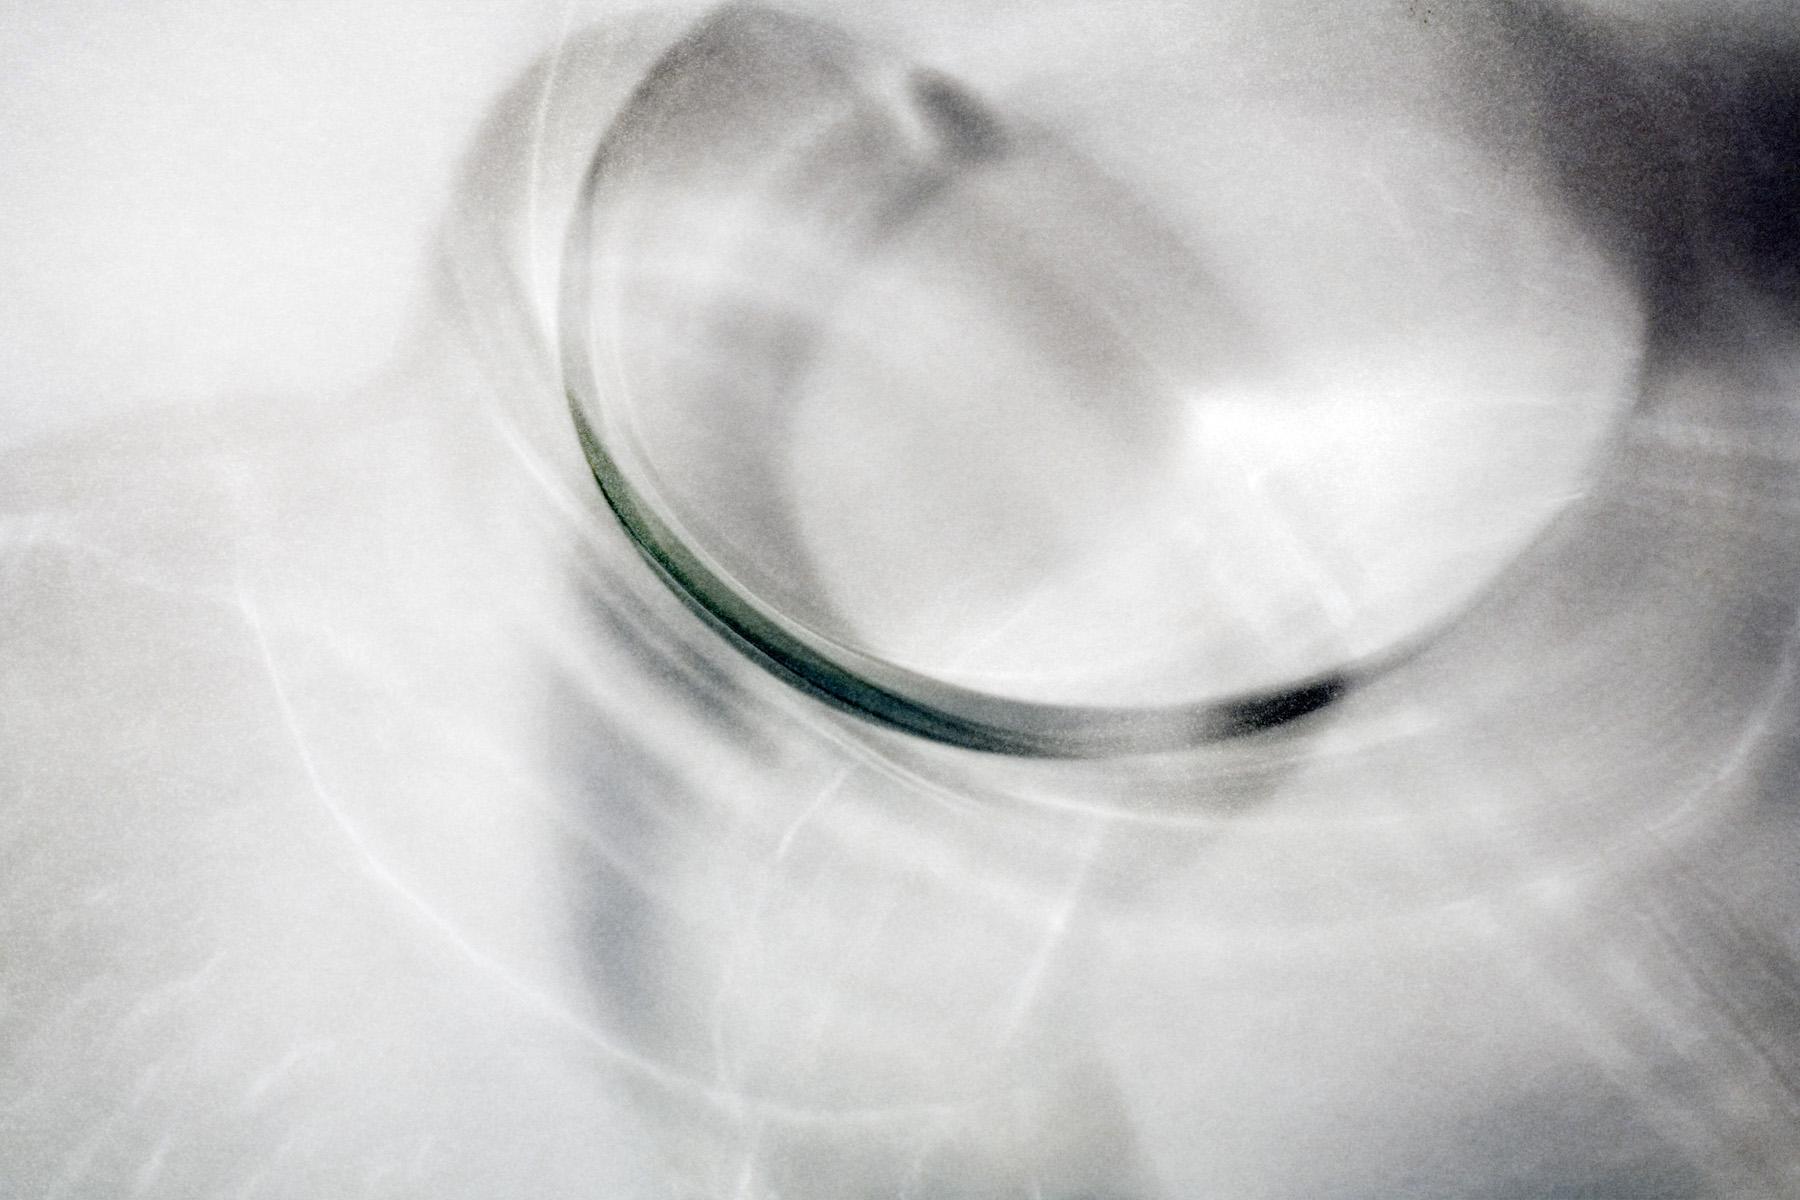 Glass #3